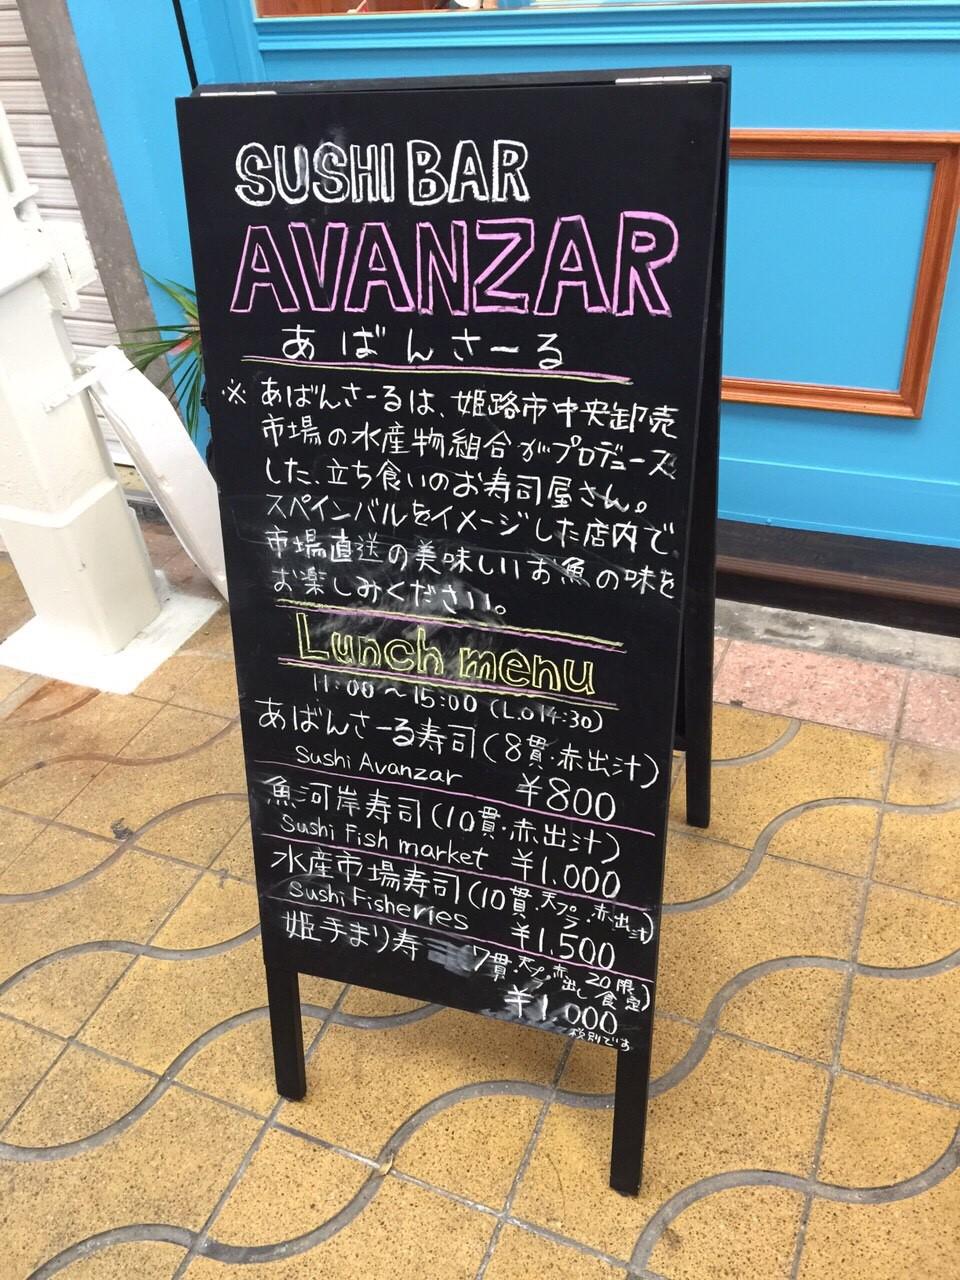 おみぞ筋に寿司バーアバンサールがオープン_1760